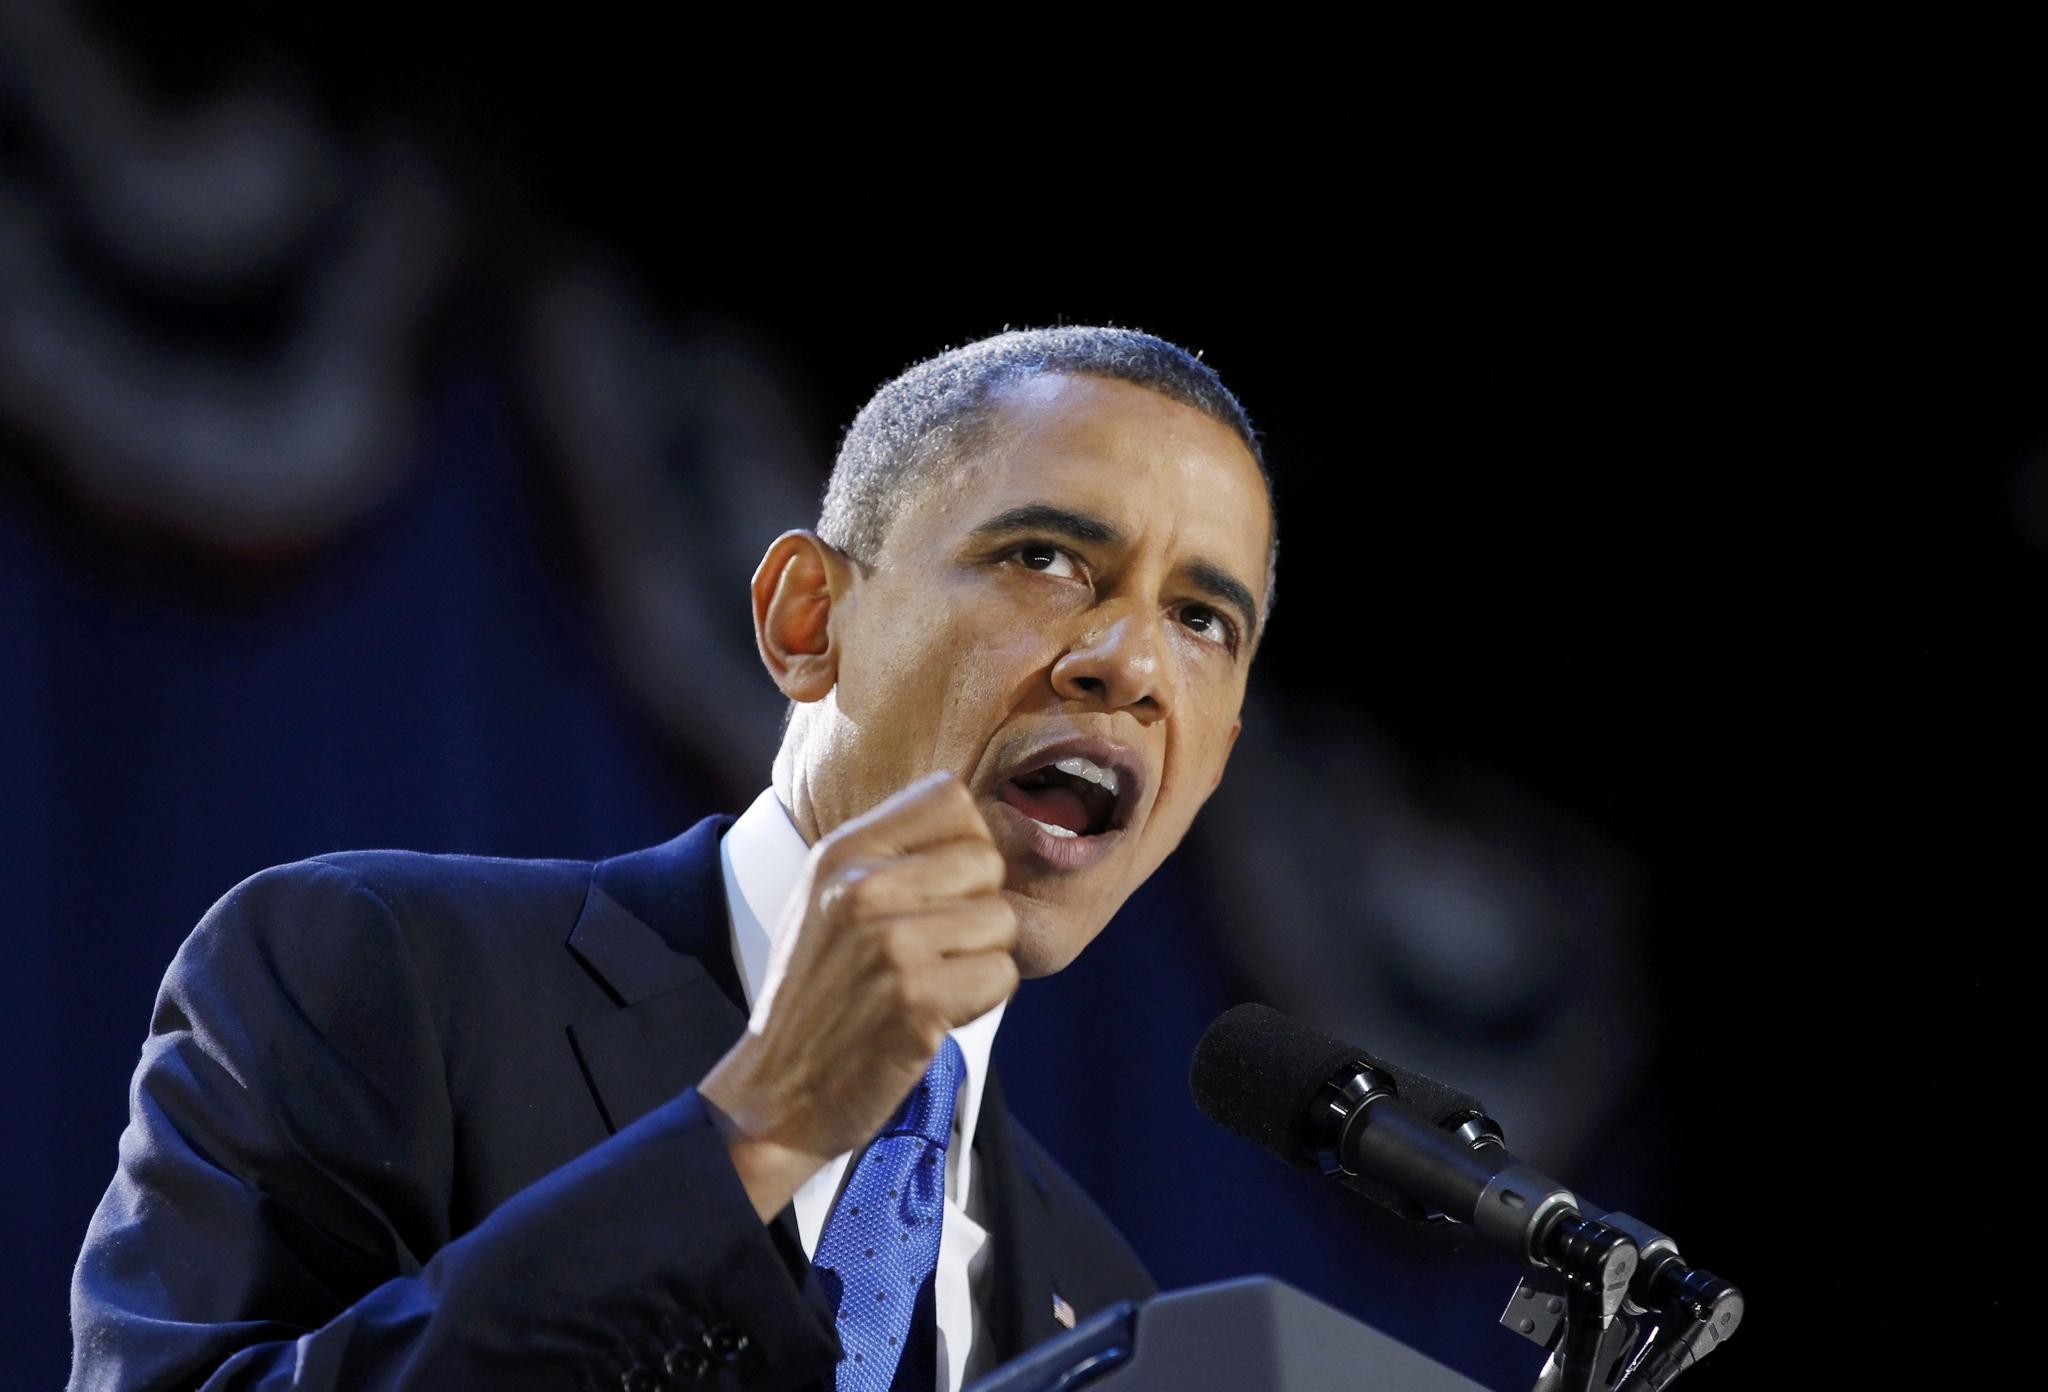 Elecciones en EE.UU.: el discurso completo de Barack Obama traducido al español